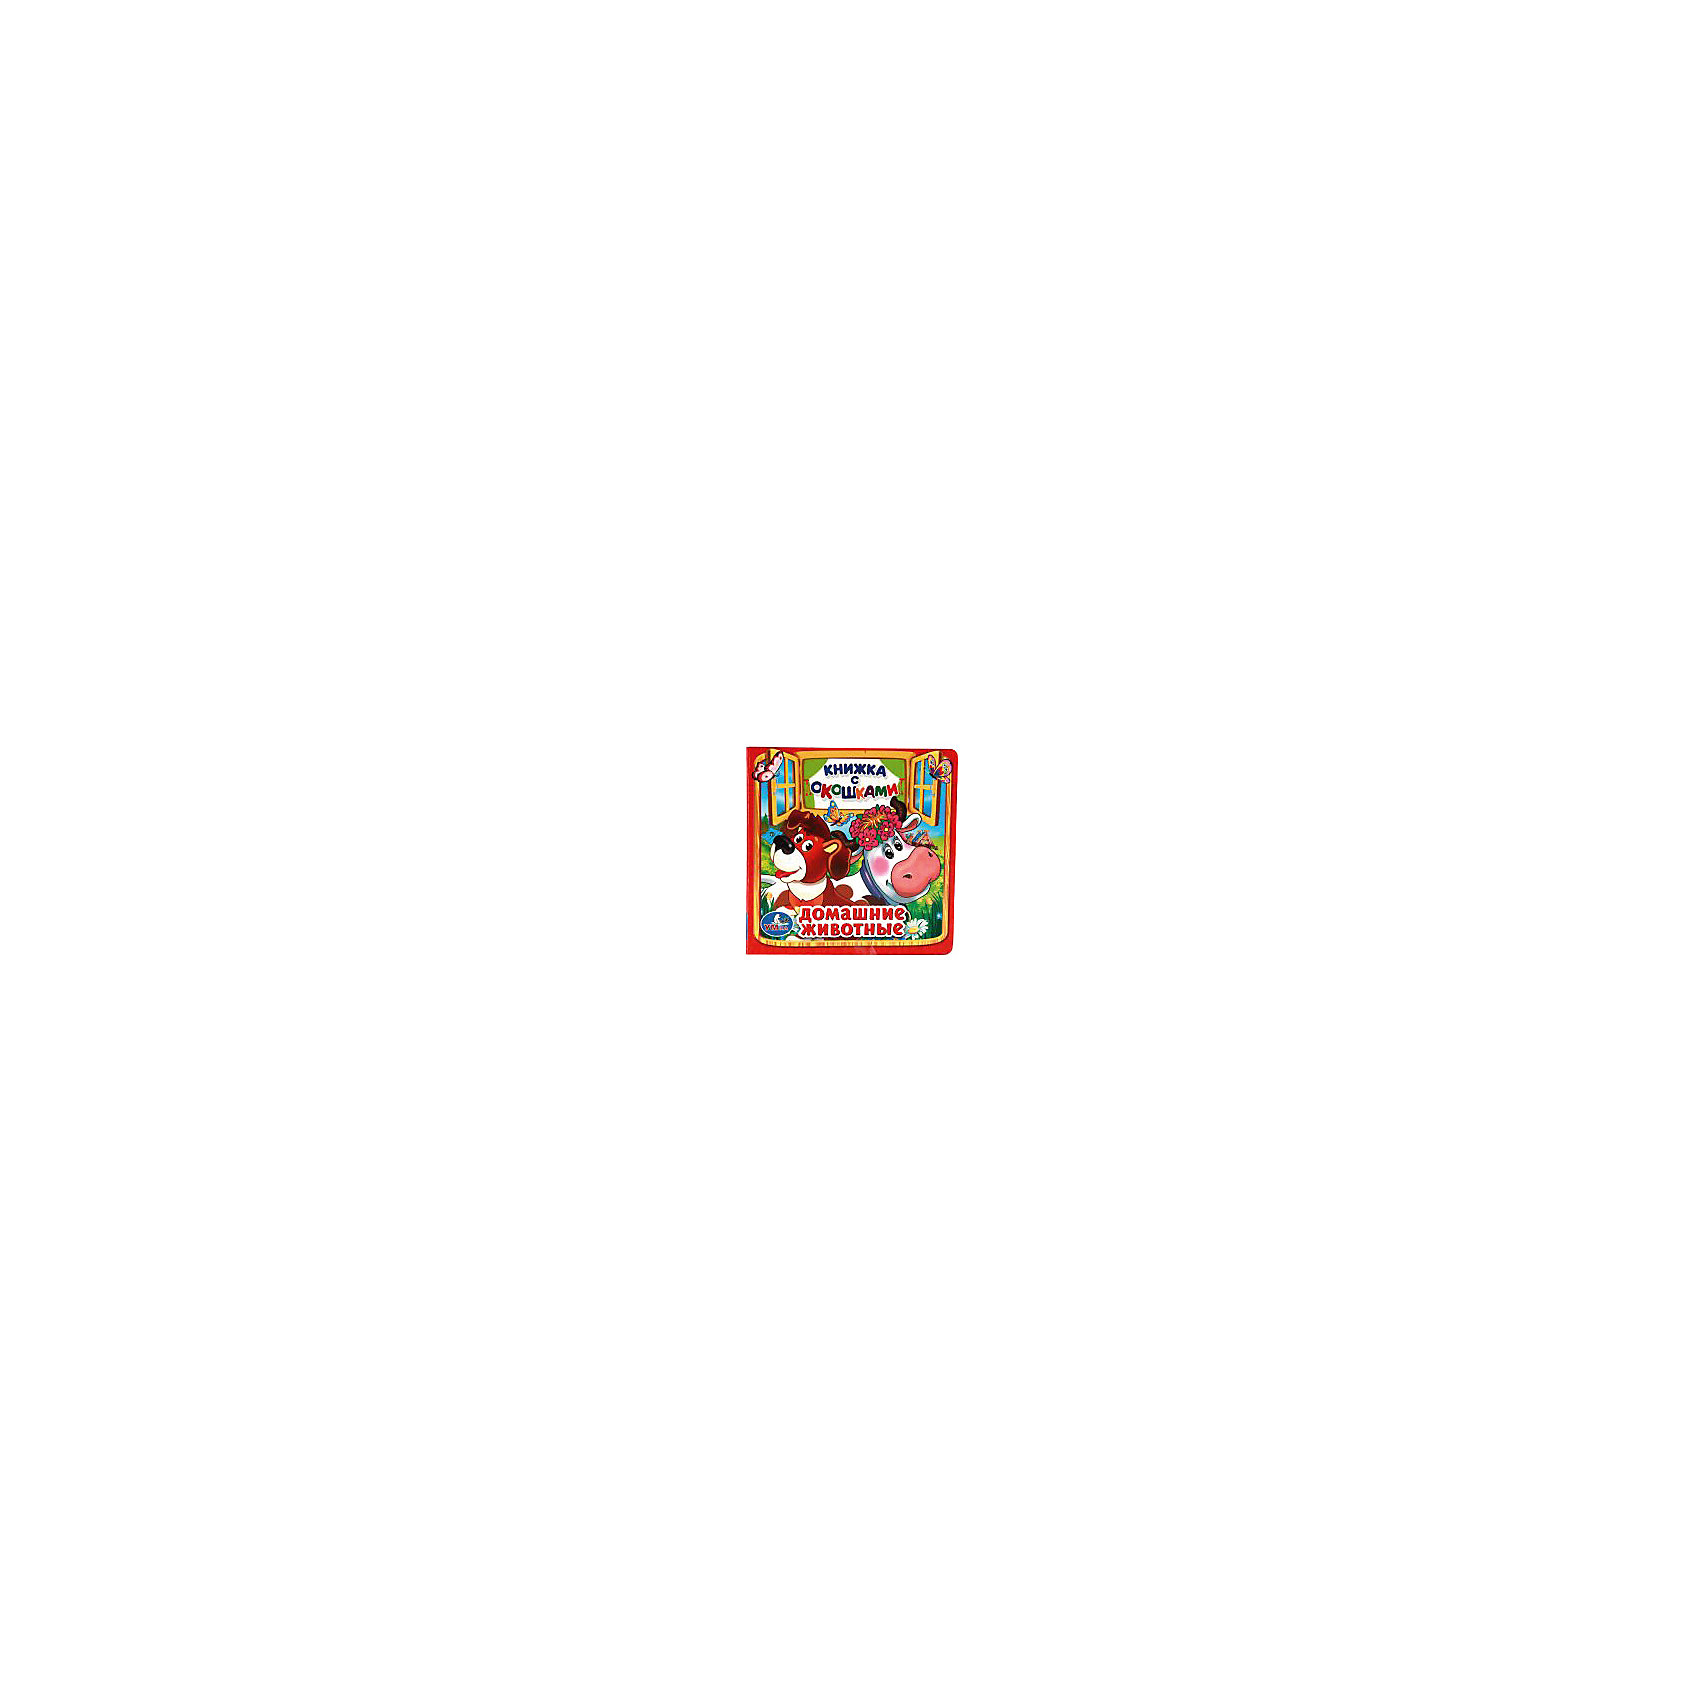 Книжка с окошками Домашние животныеПервые книги малыша<br>Характеристики товара:<br><br>• размер: 13x13 см<br>• материал: картон, бумага<br>• страниц: 10<br>• возраст: 0+<br>• обложка: твердая<br>• цветные иллюстрации<br>• страна бренда: РФ<br>• страна изготовитель: РФ<br><br>Стихи не только развлекают малышей, они помогают учиться и познавать мир! Такая книжка станет отличным подарком ребенку и родителям - ведь с помощью неё можно узнавать о многих животных и рассматривать картинки. Формат - очень удобный, качество печати - отличное! Книжка дополнена яркими картинками. На каждом развороте есть секретное окошко с загадкой - книжки с окошками особенно нравятся малышам.<br>Чтение даже в юном возрасте помогает детям развивать важные навыки и способности, оно активизирует мышление, формирует усидчивость, логику и воображение. Изделие производится из качественных и проверенных материалов, которые безопасны для детей.<br><br>Книжку с окошками Домашние животные от бренда Умка можно купить в нашем интернет-магазине.<br><br>Ширина мм: 10<br>Глубина мм: 130<br>Высота мм: 130<br>Вес г: 110<br>Возраст от месяцев: 12<br>Возраст до месяцев: 60<br>Пол: Унисекс<br>Возраст: Детский<br>SKU: 5196894